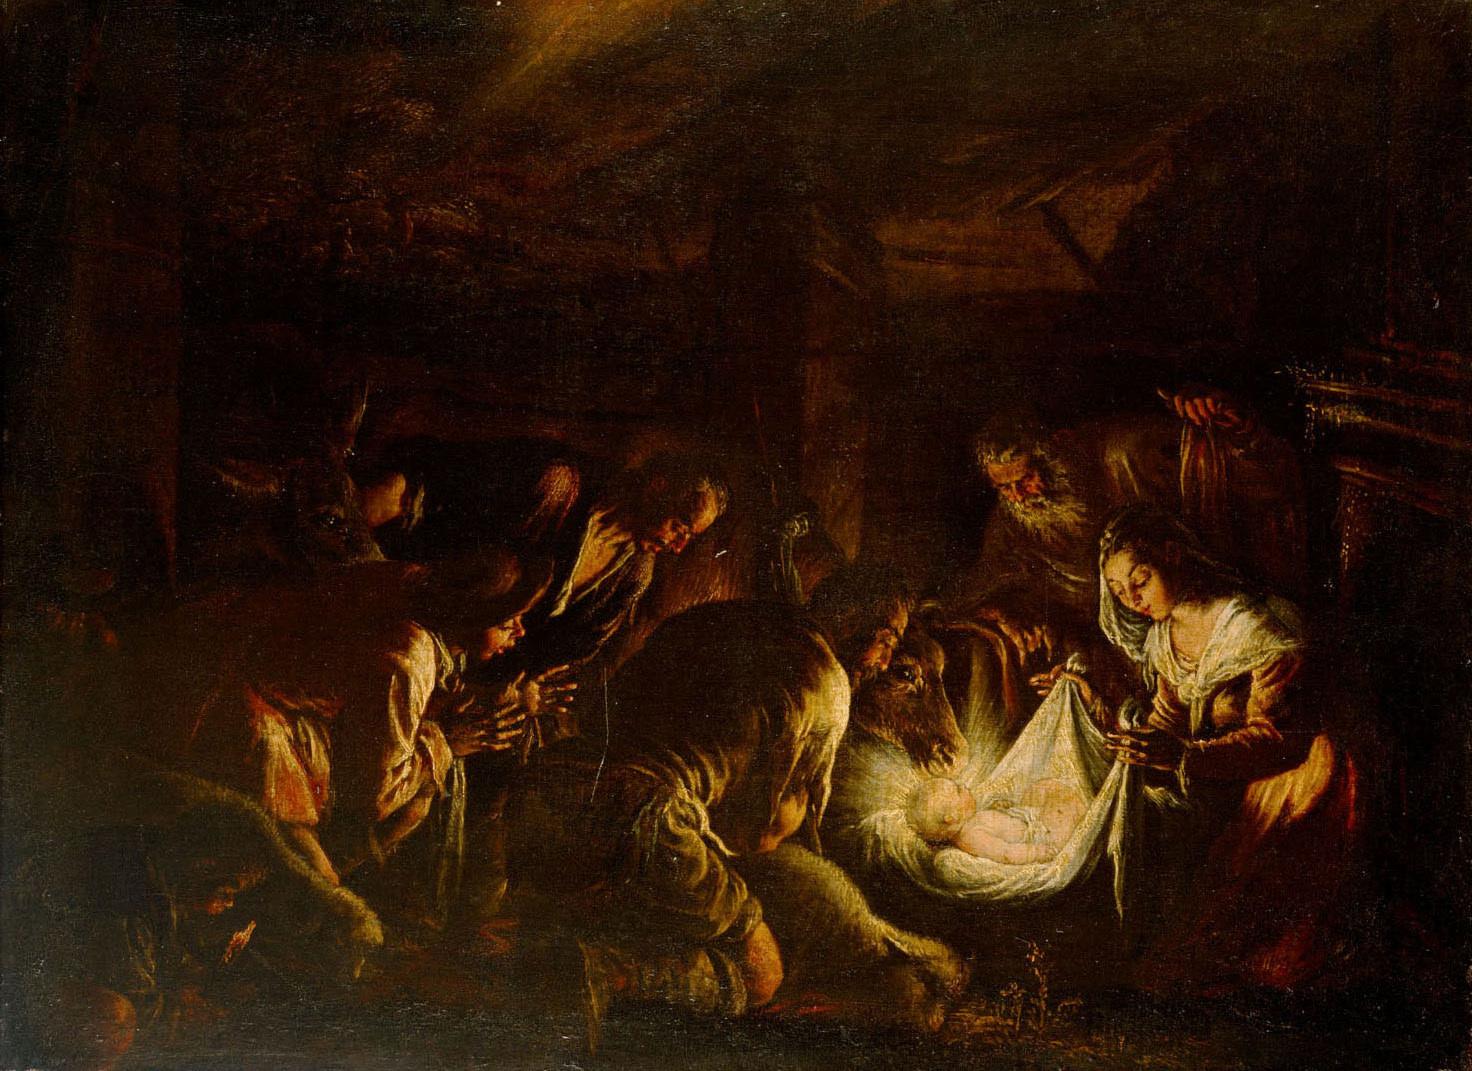 Die Anbetung der Hirten von Francesco da Ponte, gen. Francesco Bassano